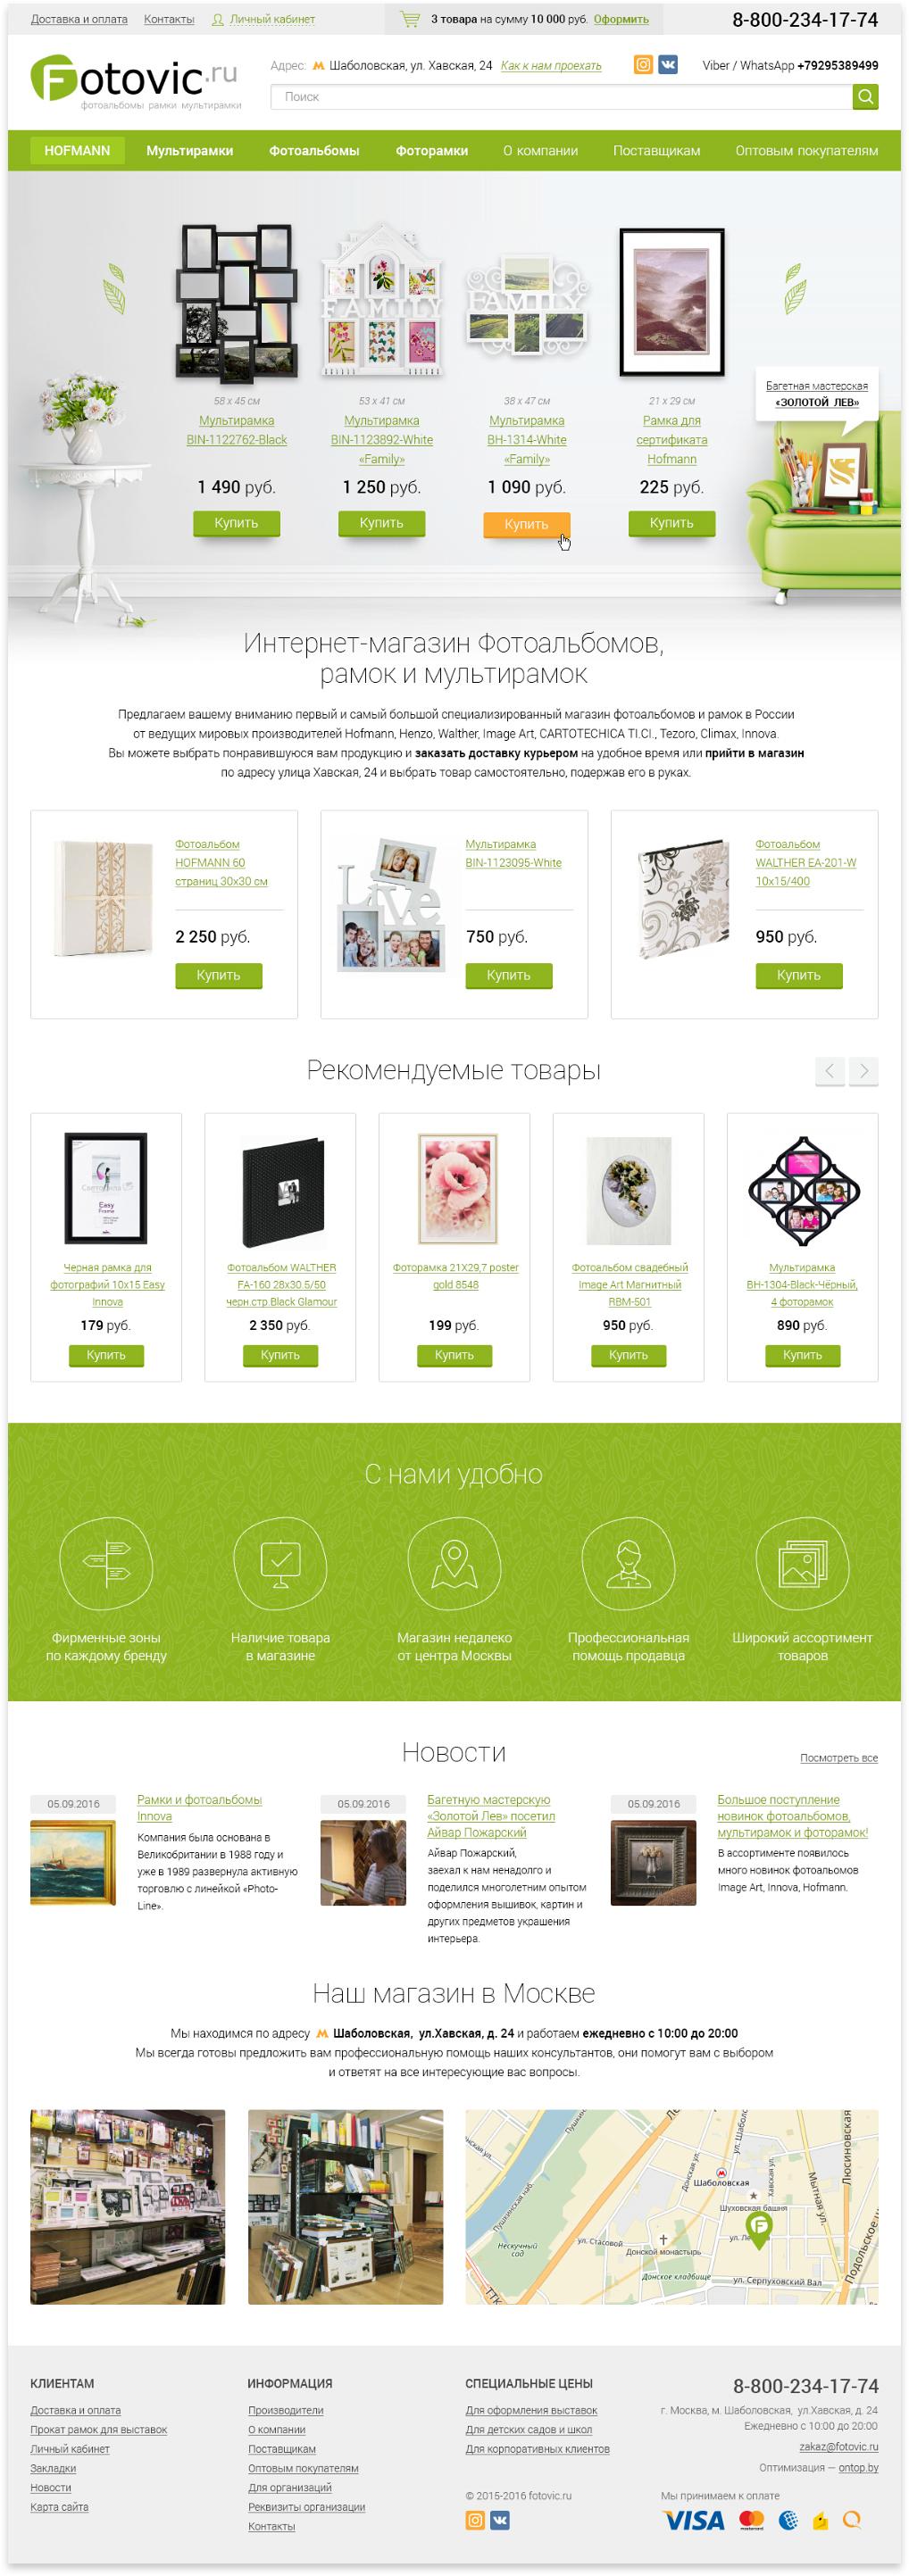 Адаптивный интернет-магазин фоторамок и фотоальбомов